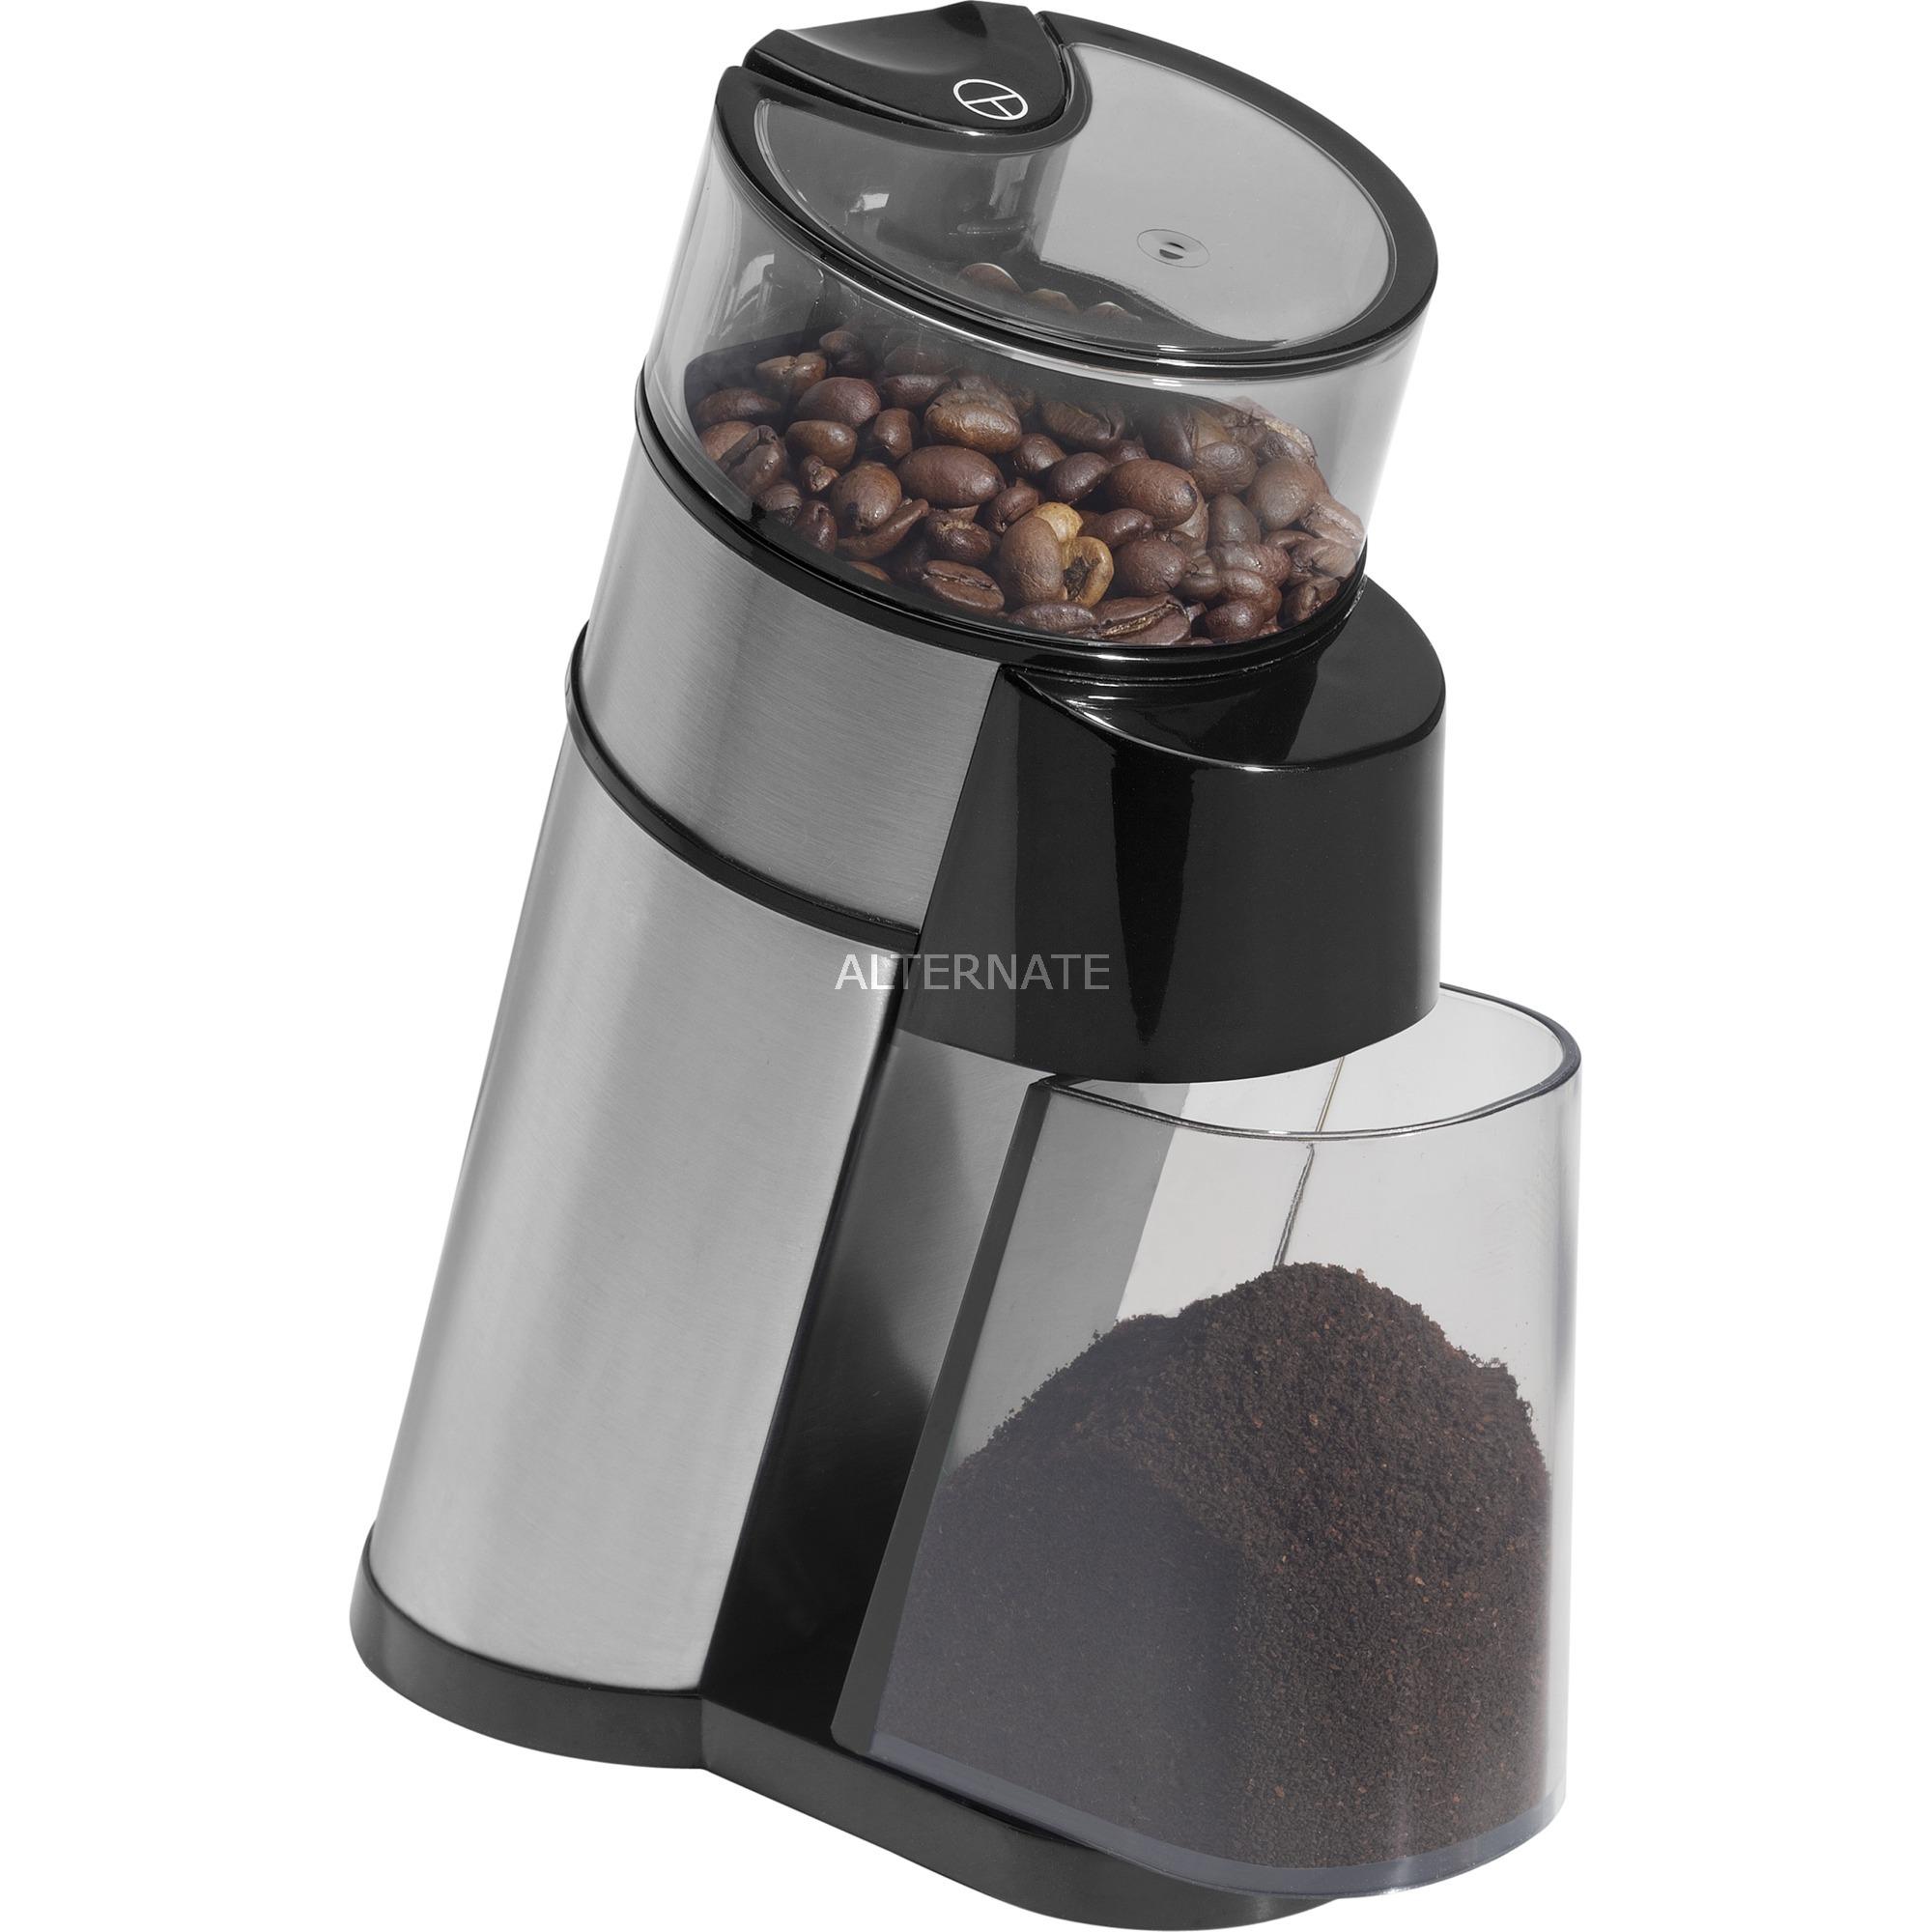 AKM1405 150W Acero inoxidable molinillo de café